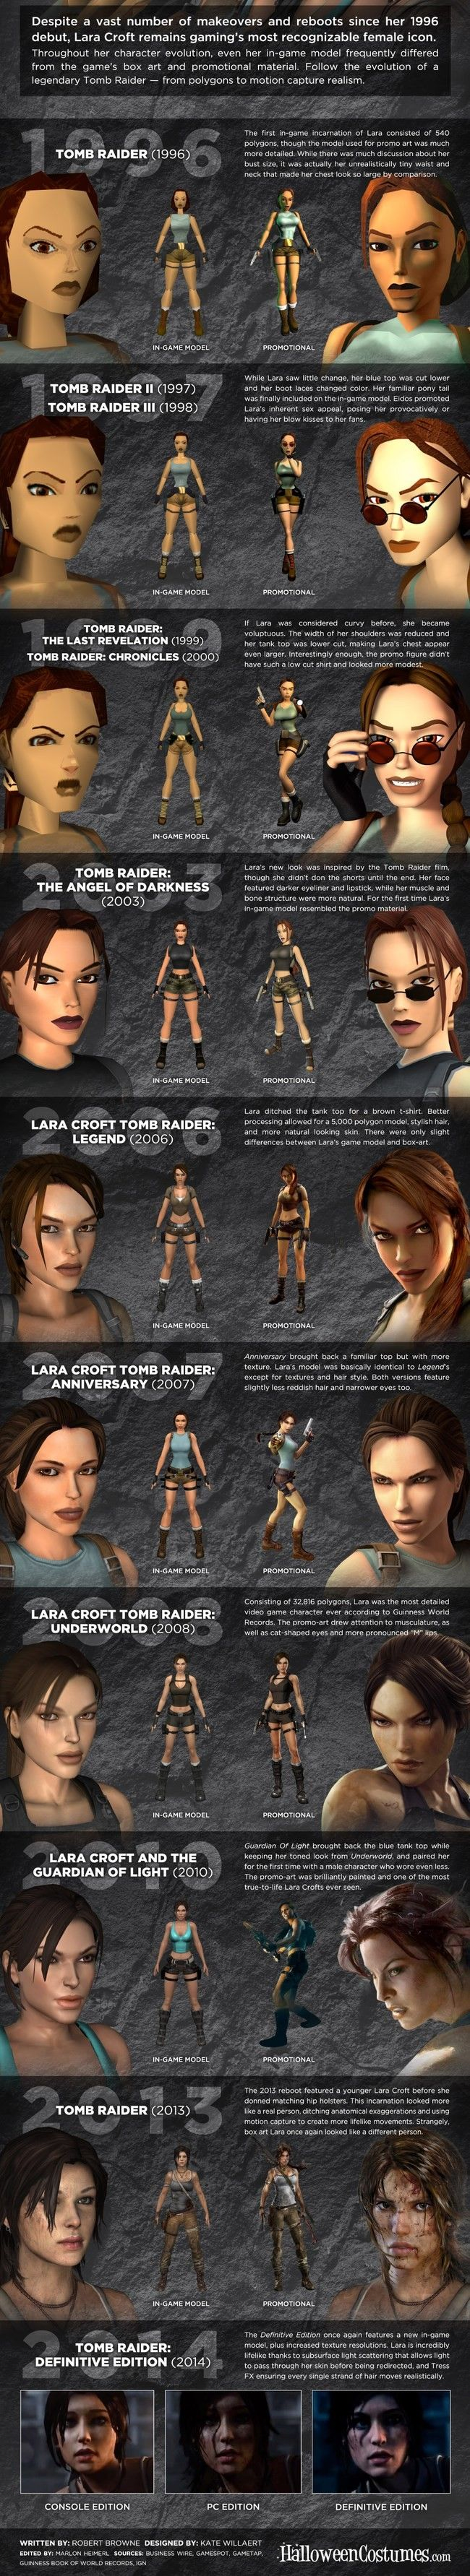 Lara Croft over the years